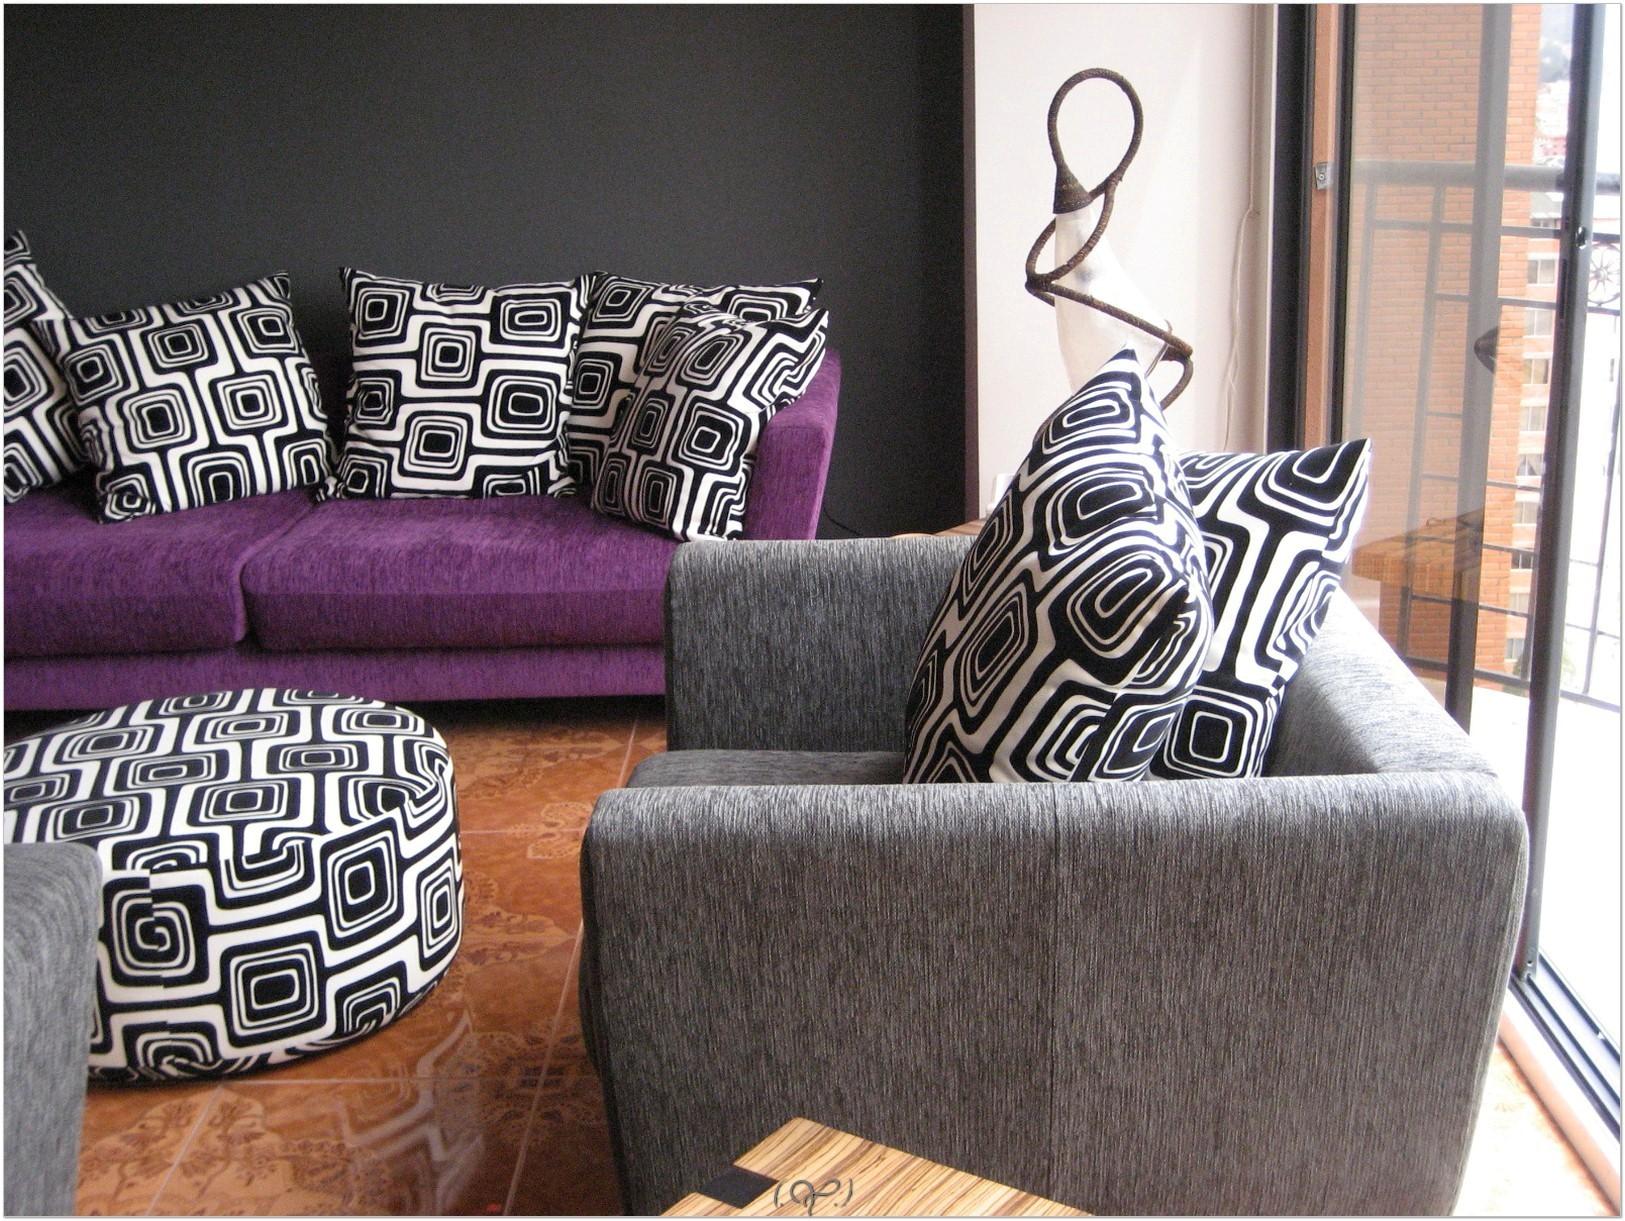 Anda juga boleh gunakan warna purple untuk perabot - pop warna ungu